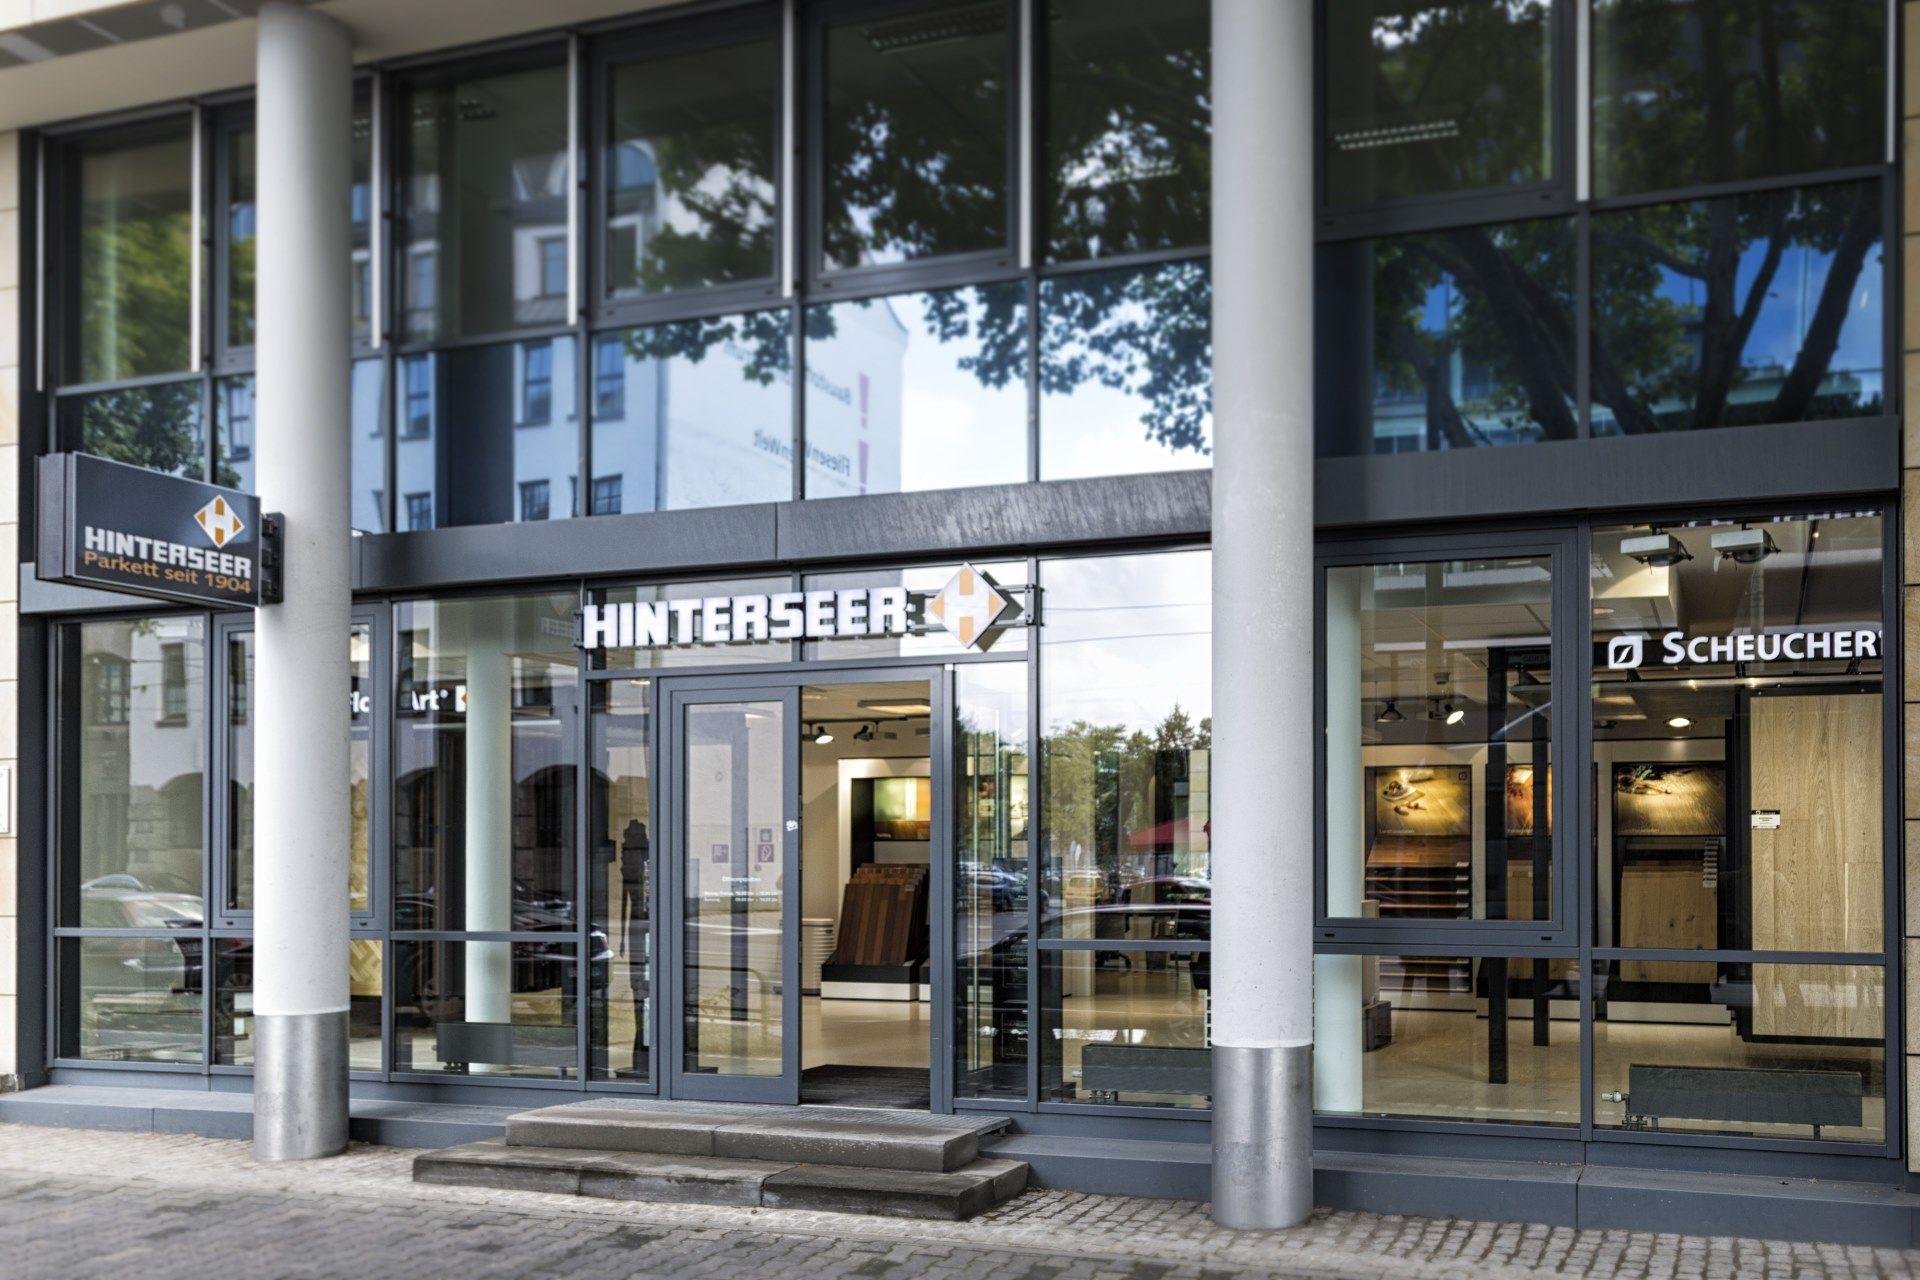 Hinterseer Frankfurt am Main - Ostend